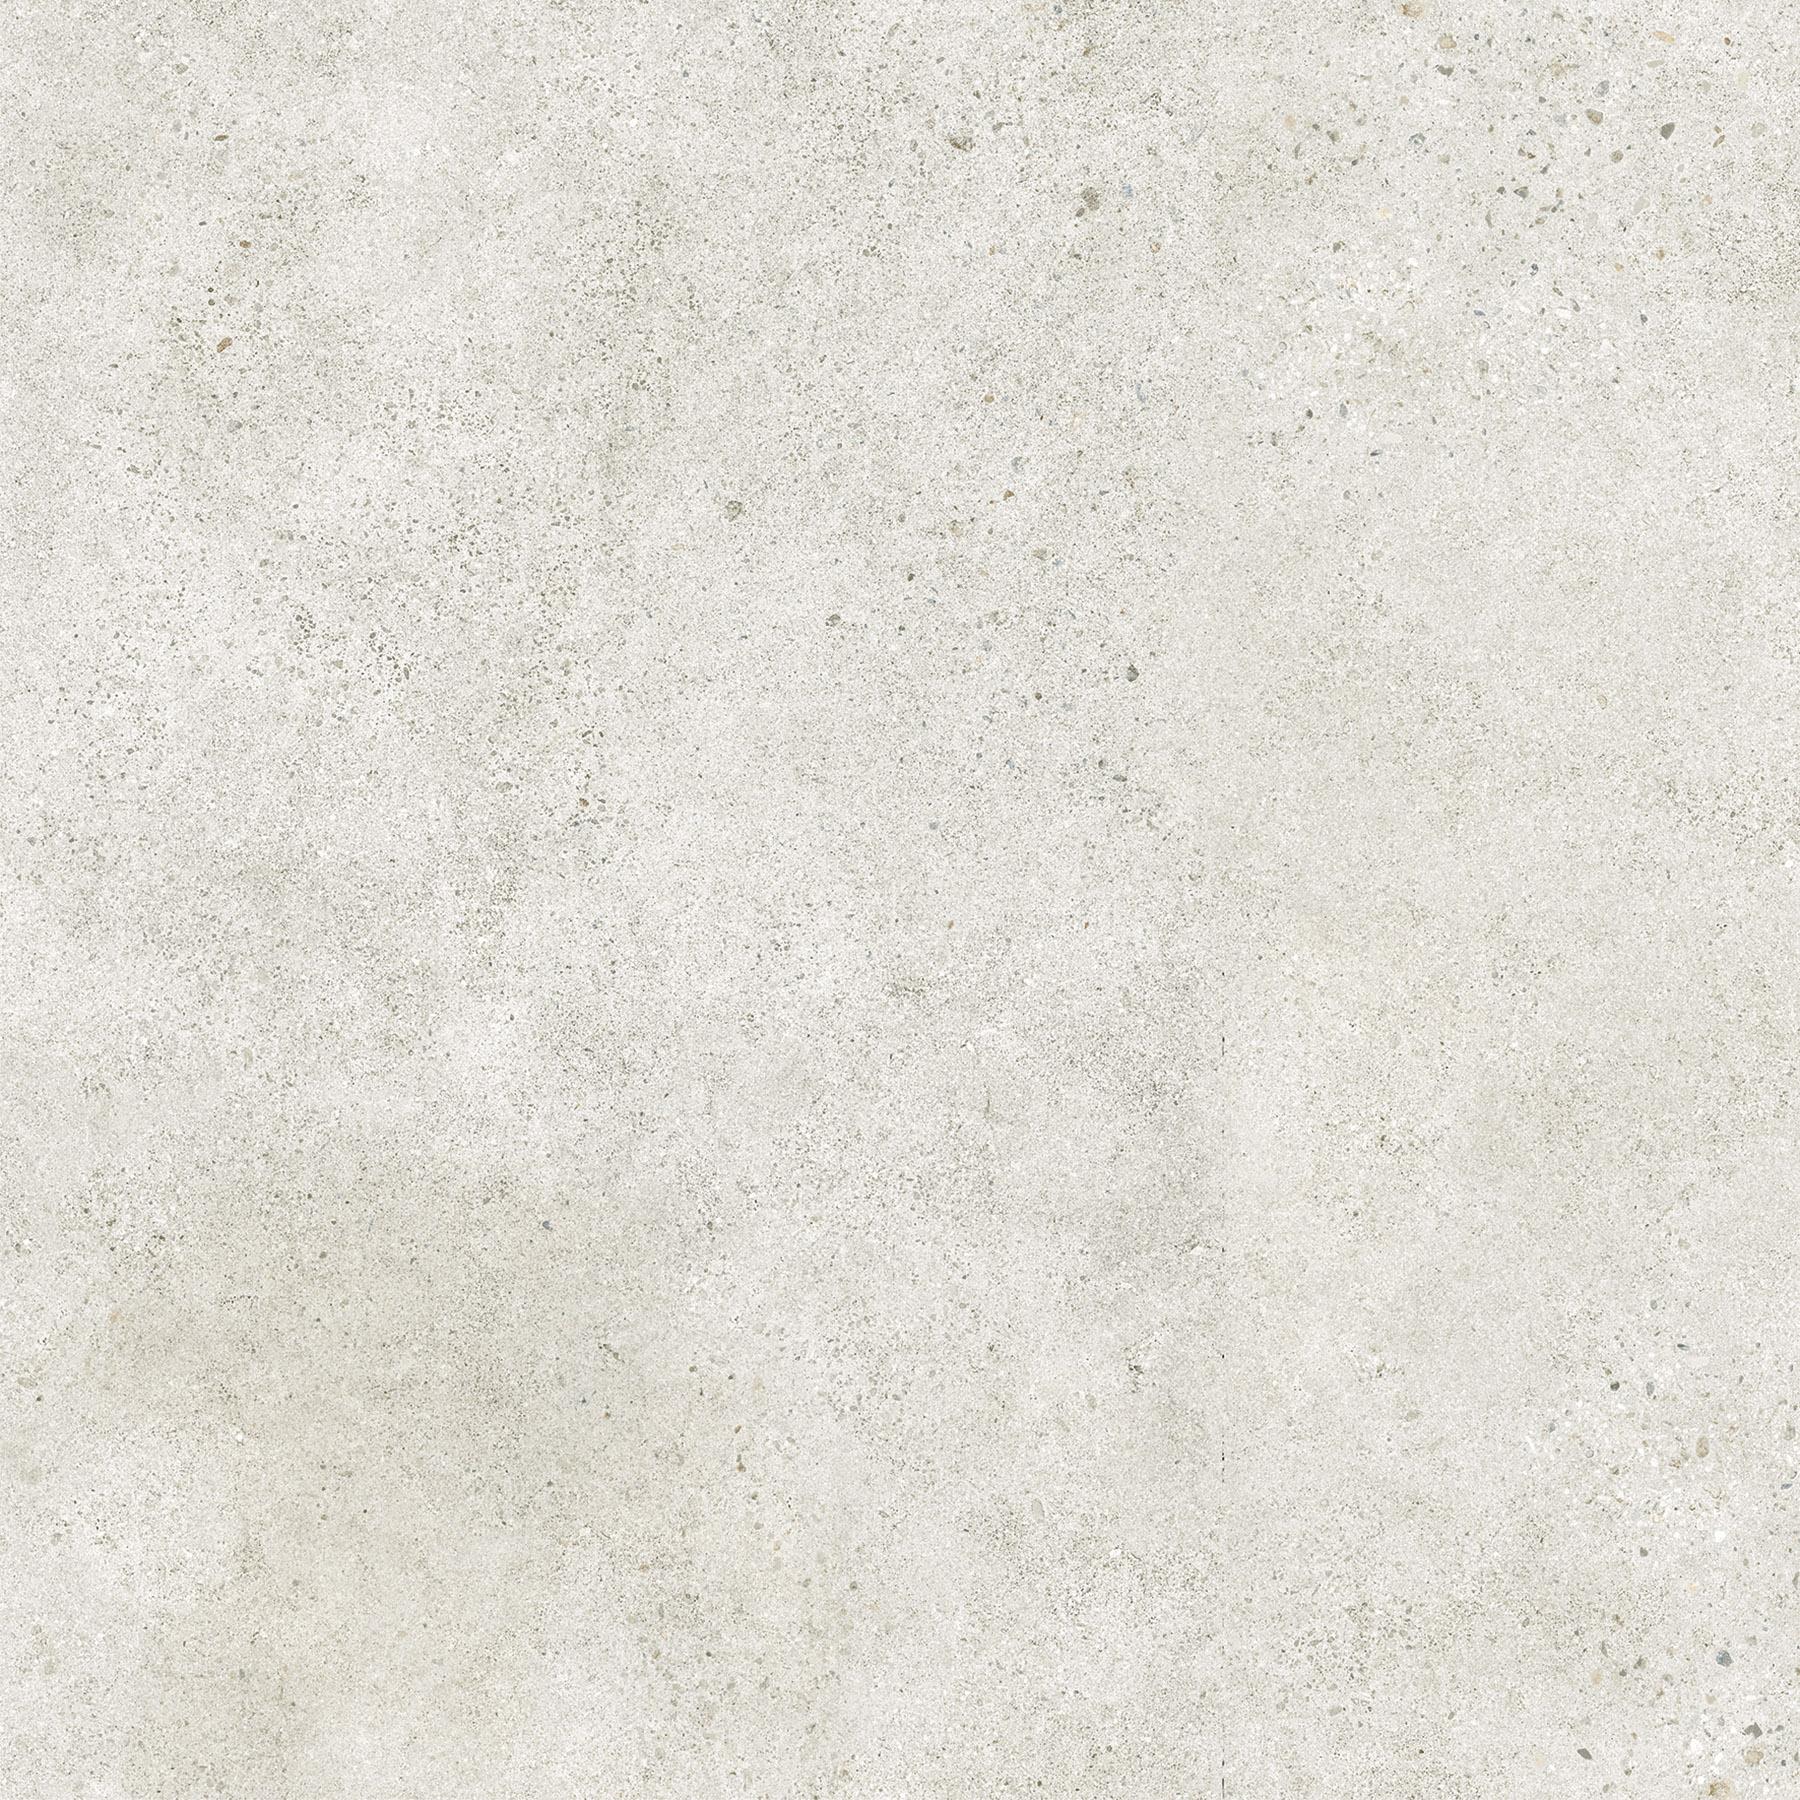 0099615, Deep, Valkoinen, lattia,pakkasenkesto,liukastumisenesto,uimahalli